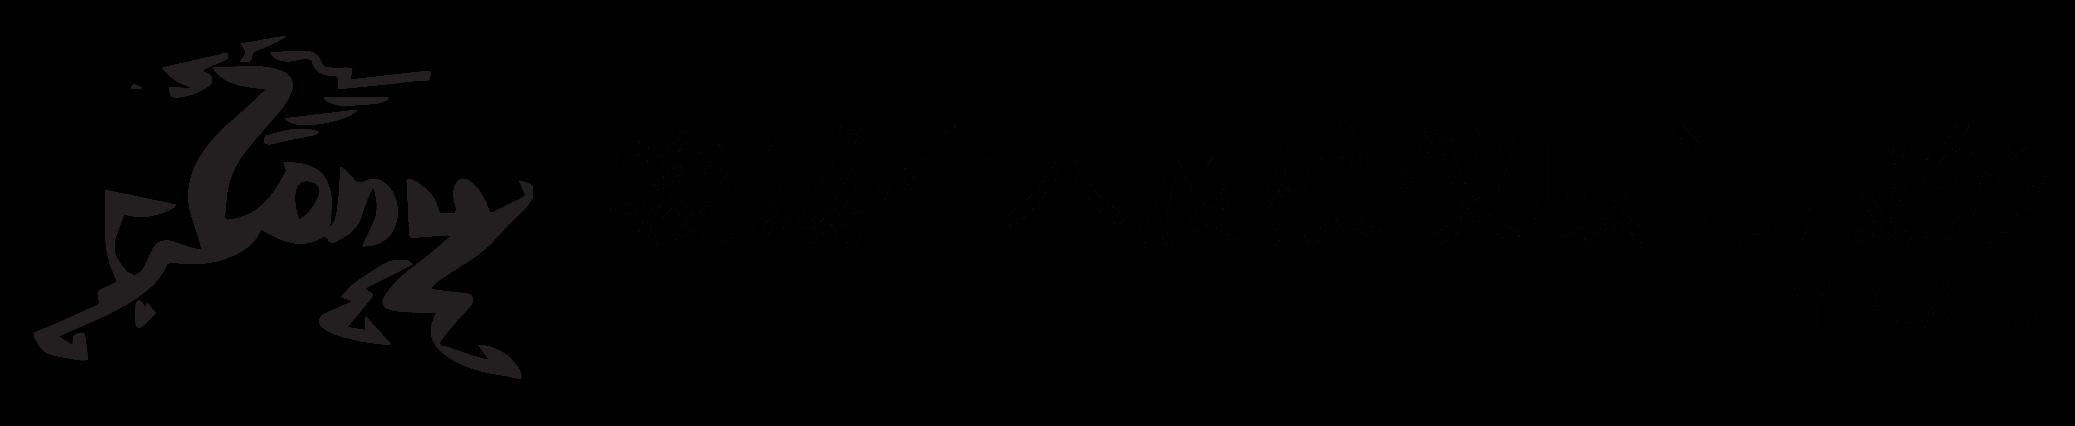 骏诚棺木及殡仪顾问服务 | 温哥华 本拿比 列治文 殡仪顾问服务